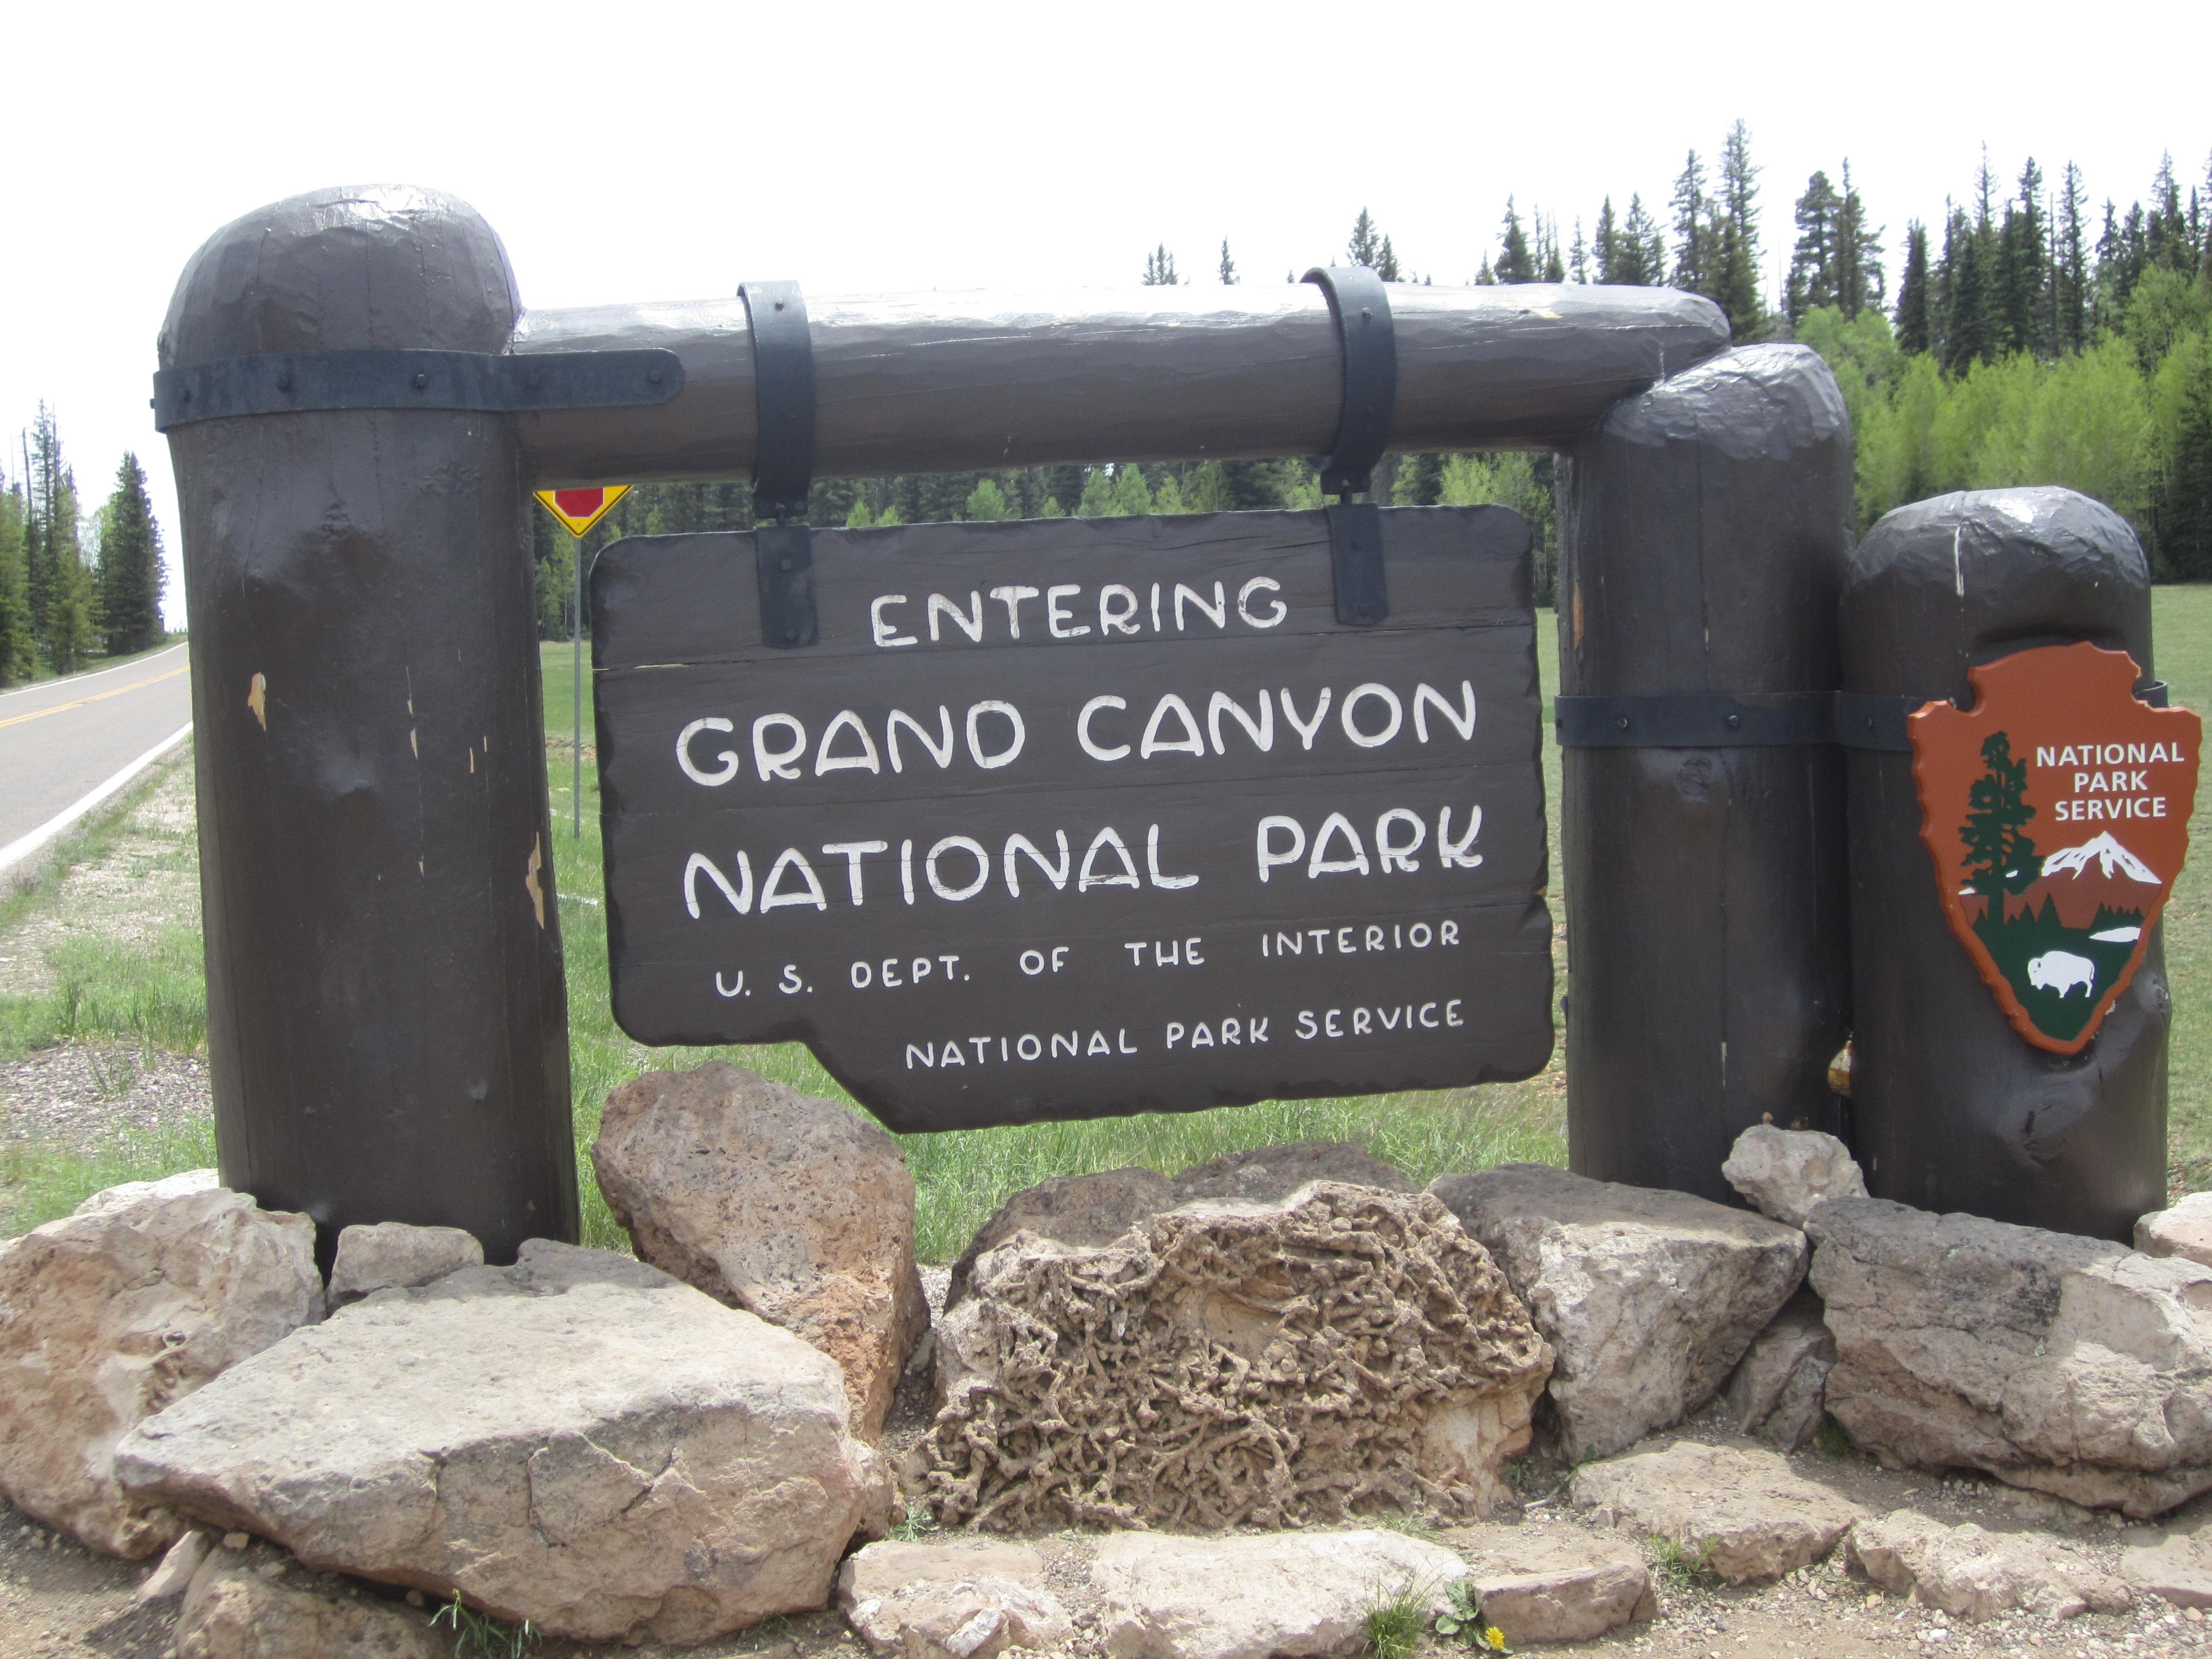 Grand Caynon